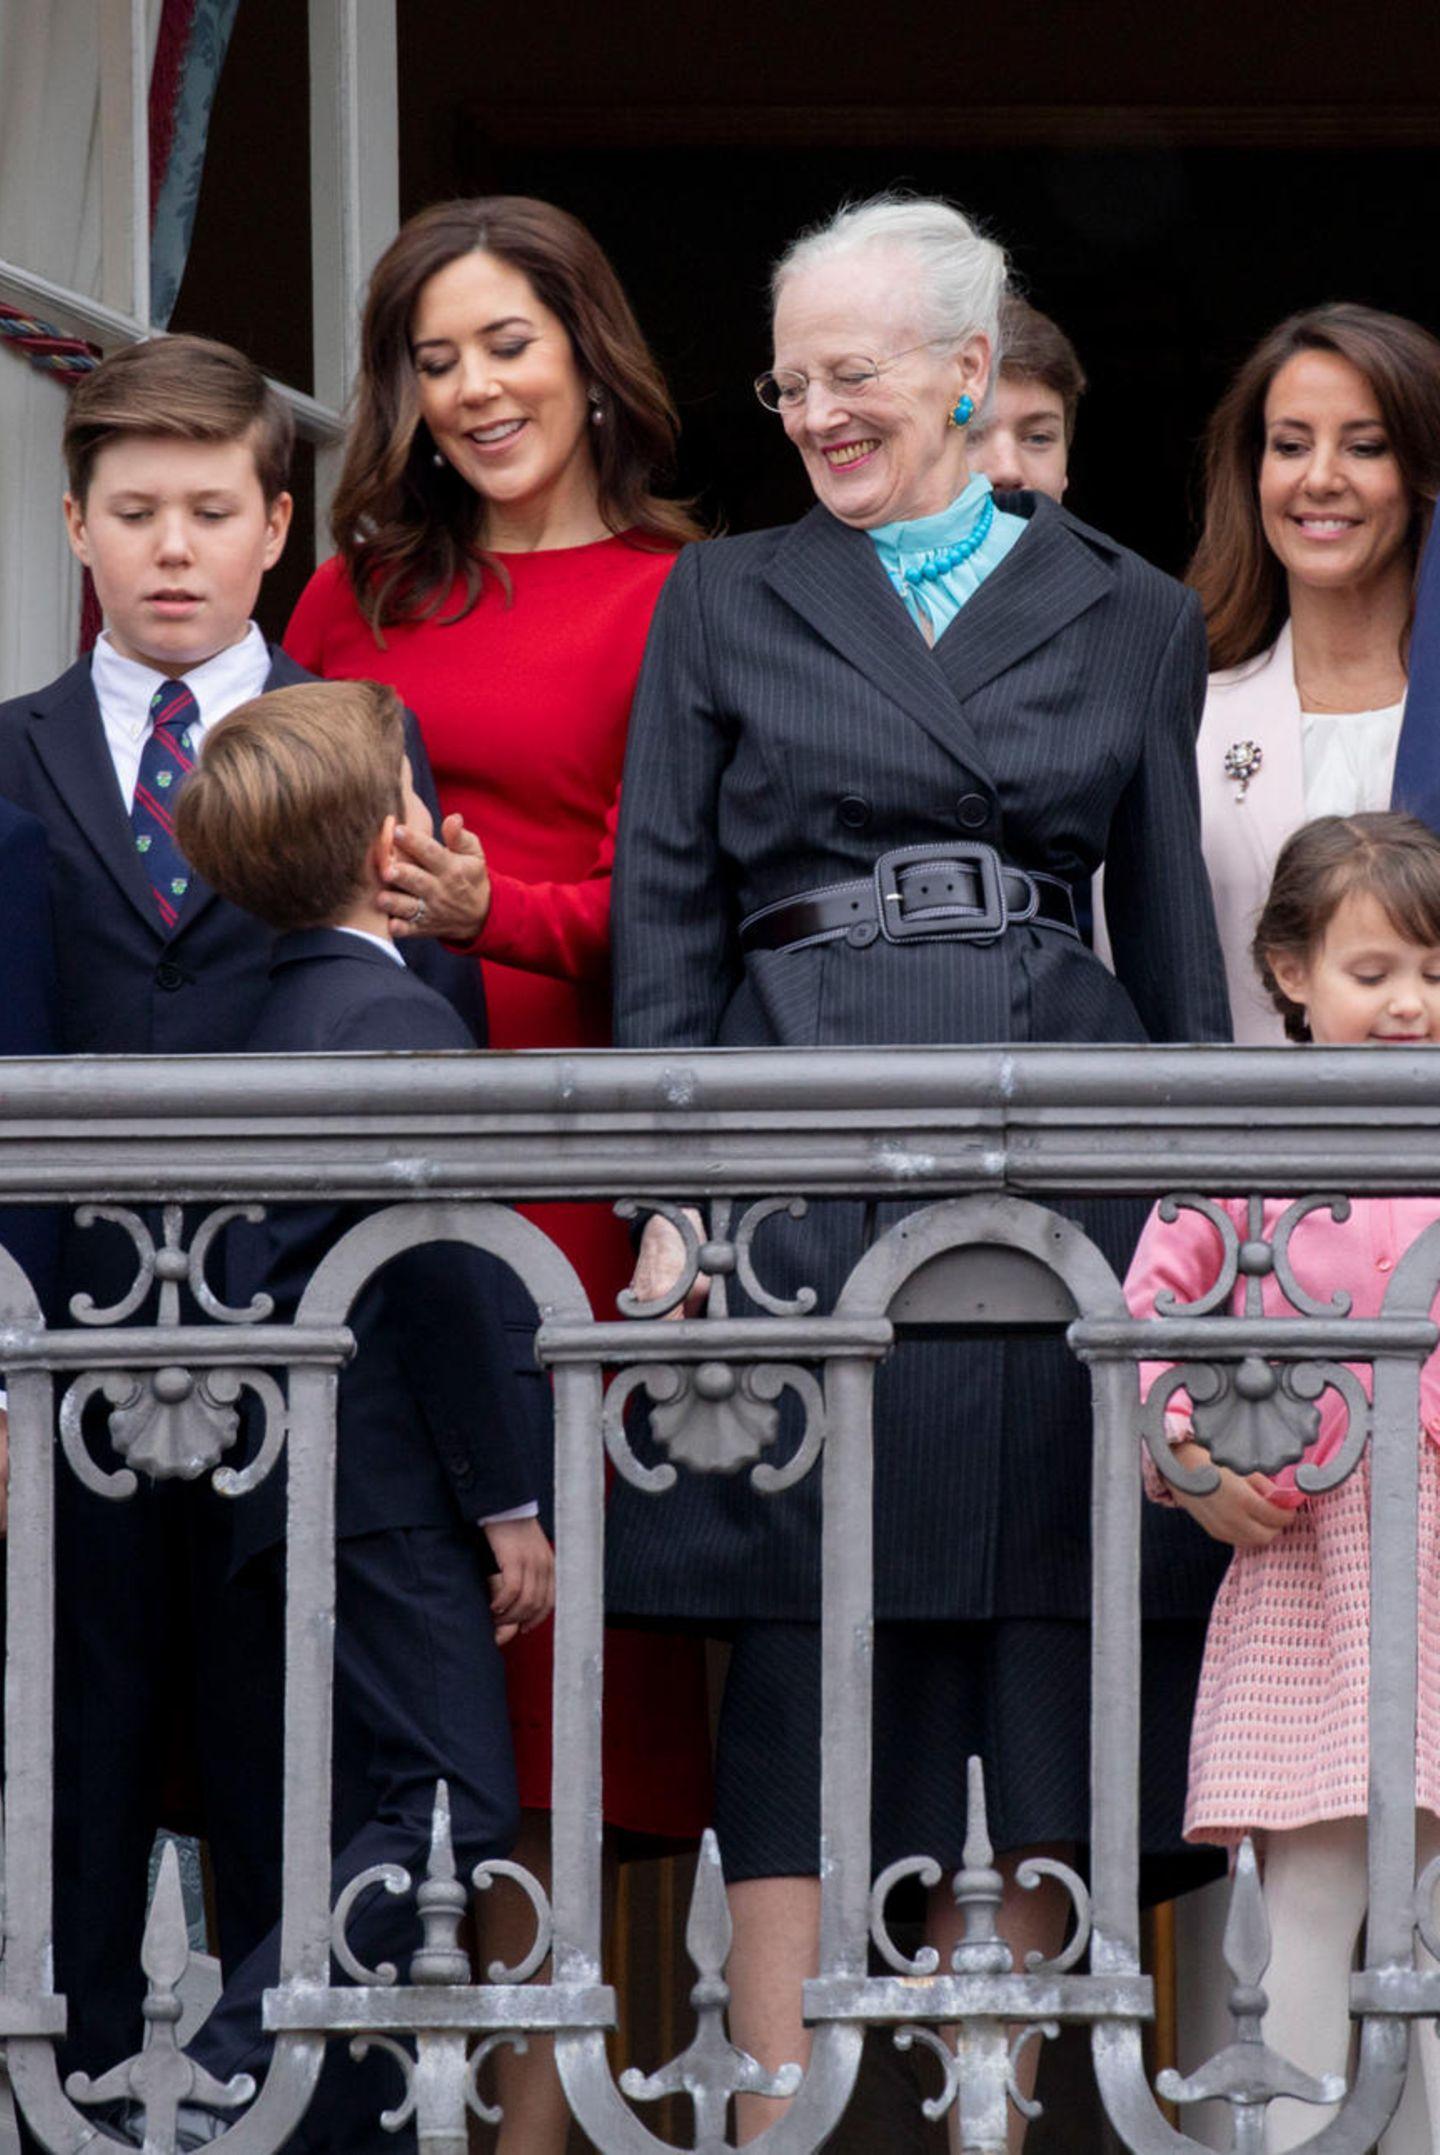 16. April 2018  Anlässlich des 78. Geburtstages von Königin Margrethe präsentiert sich die gesamte dänische Königsfamilie auf dem Balkon des Christian IX Palais auf Schloss Amalienburg in Kopenhagen.